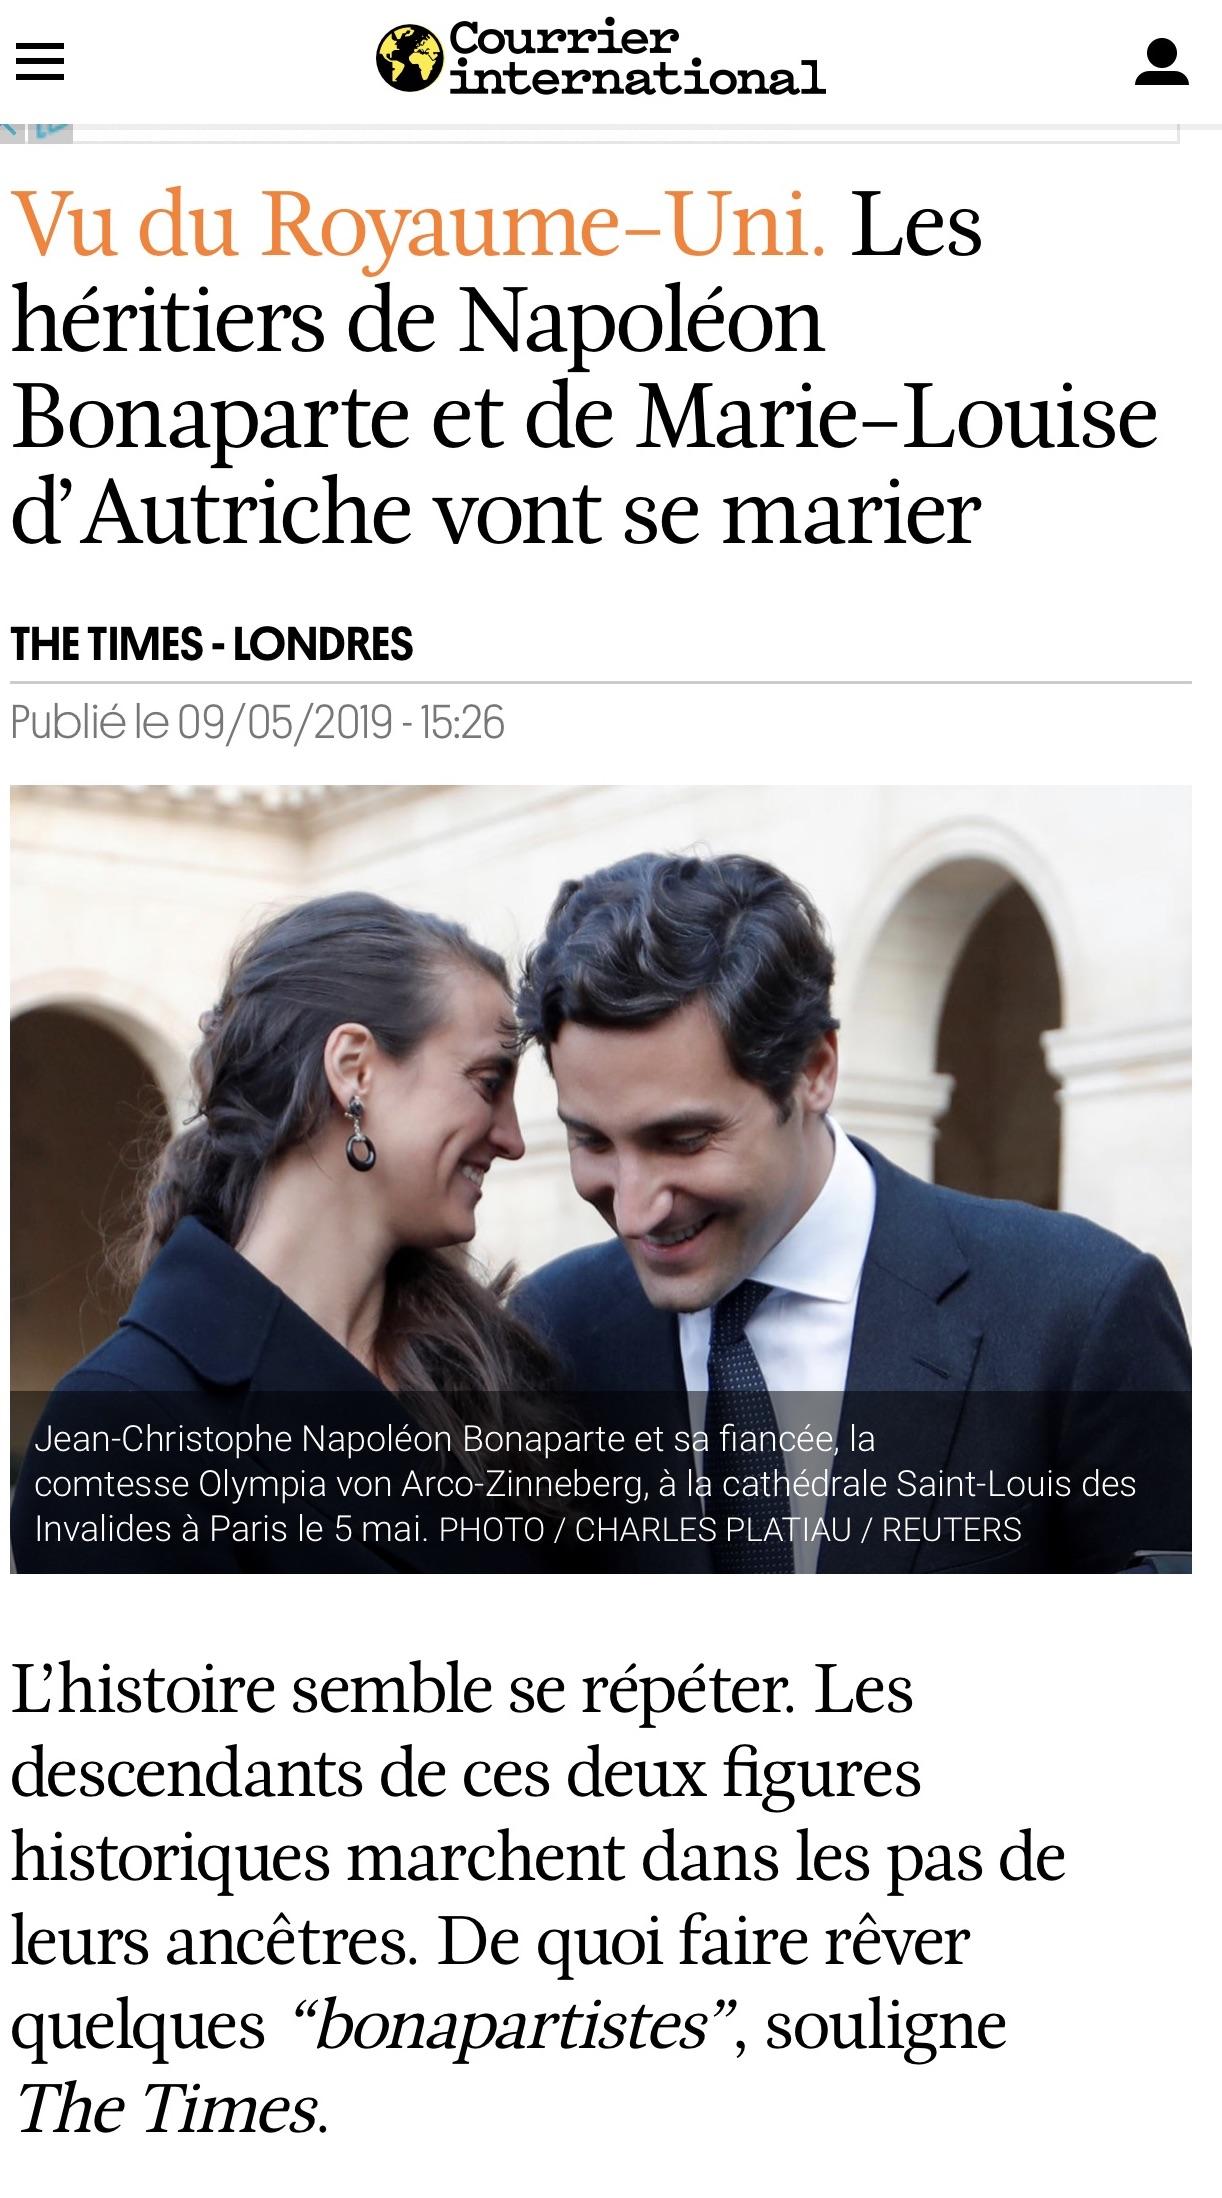 Les descendants de Napoléon Bonaparte et de Marie-Louise d'Autriche annoncent leur mariage